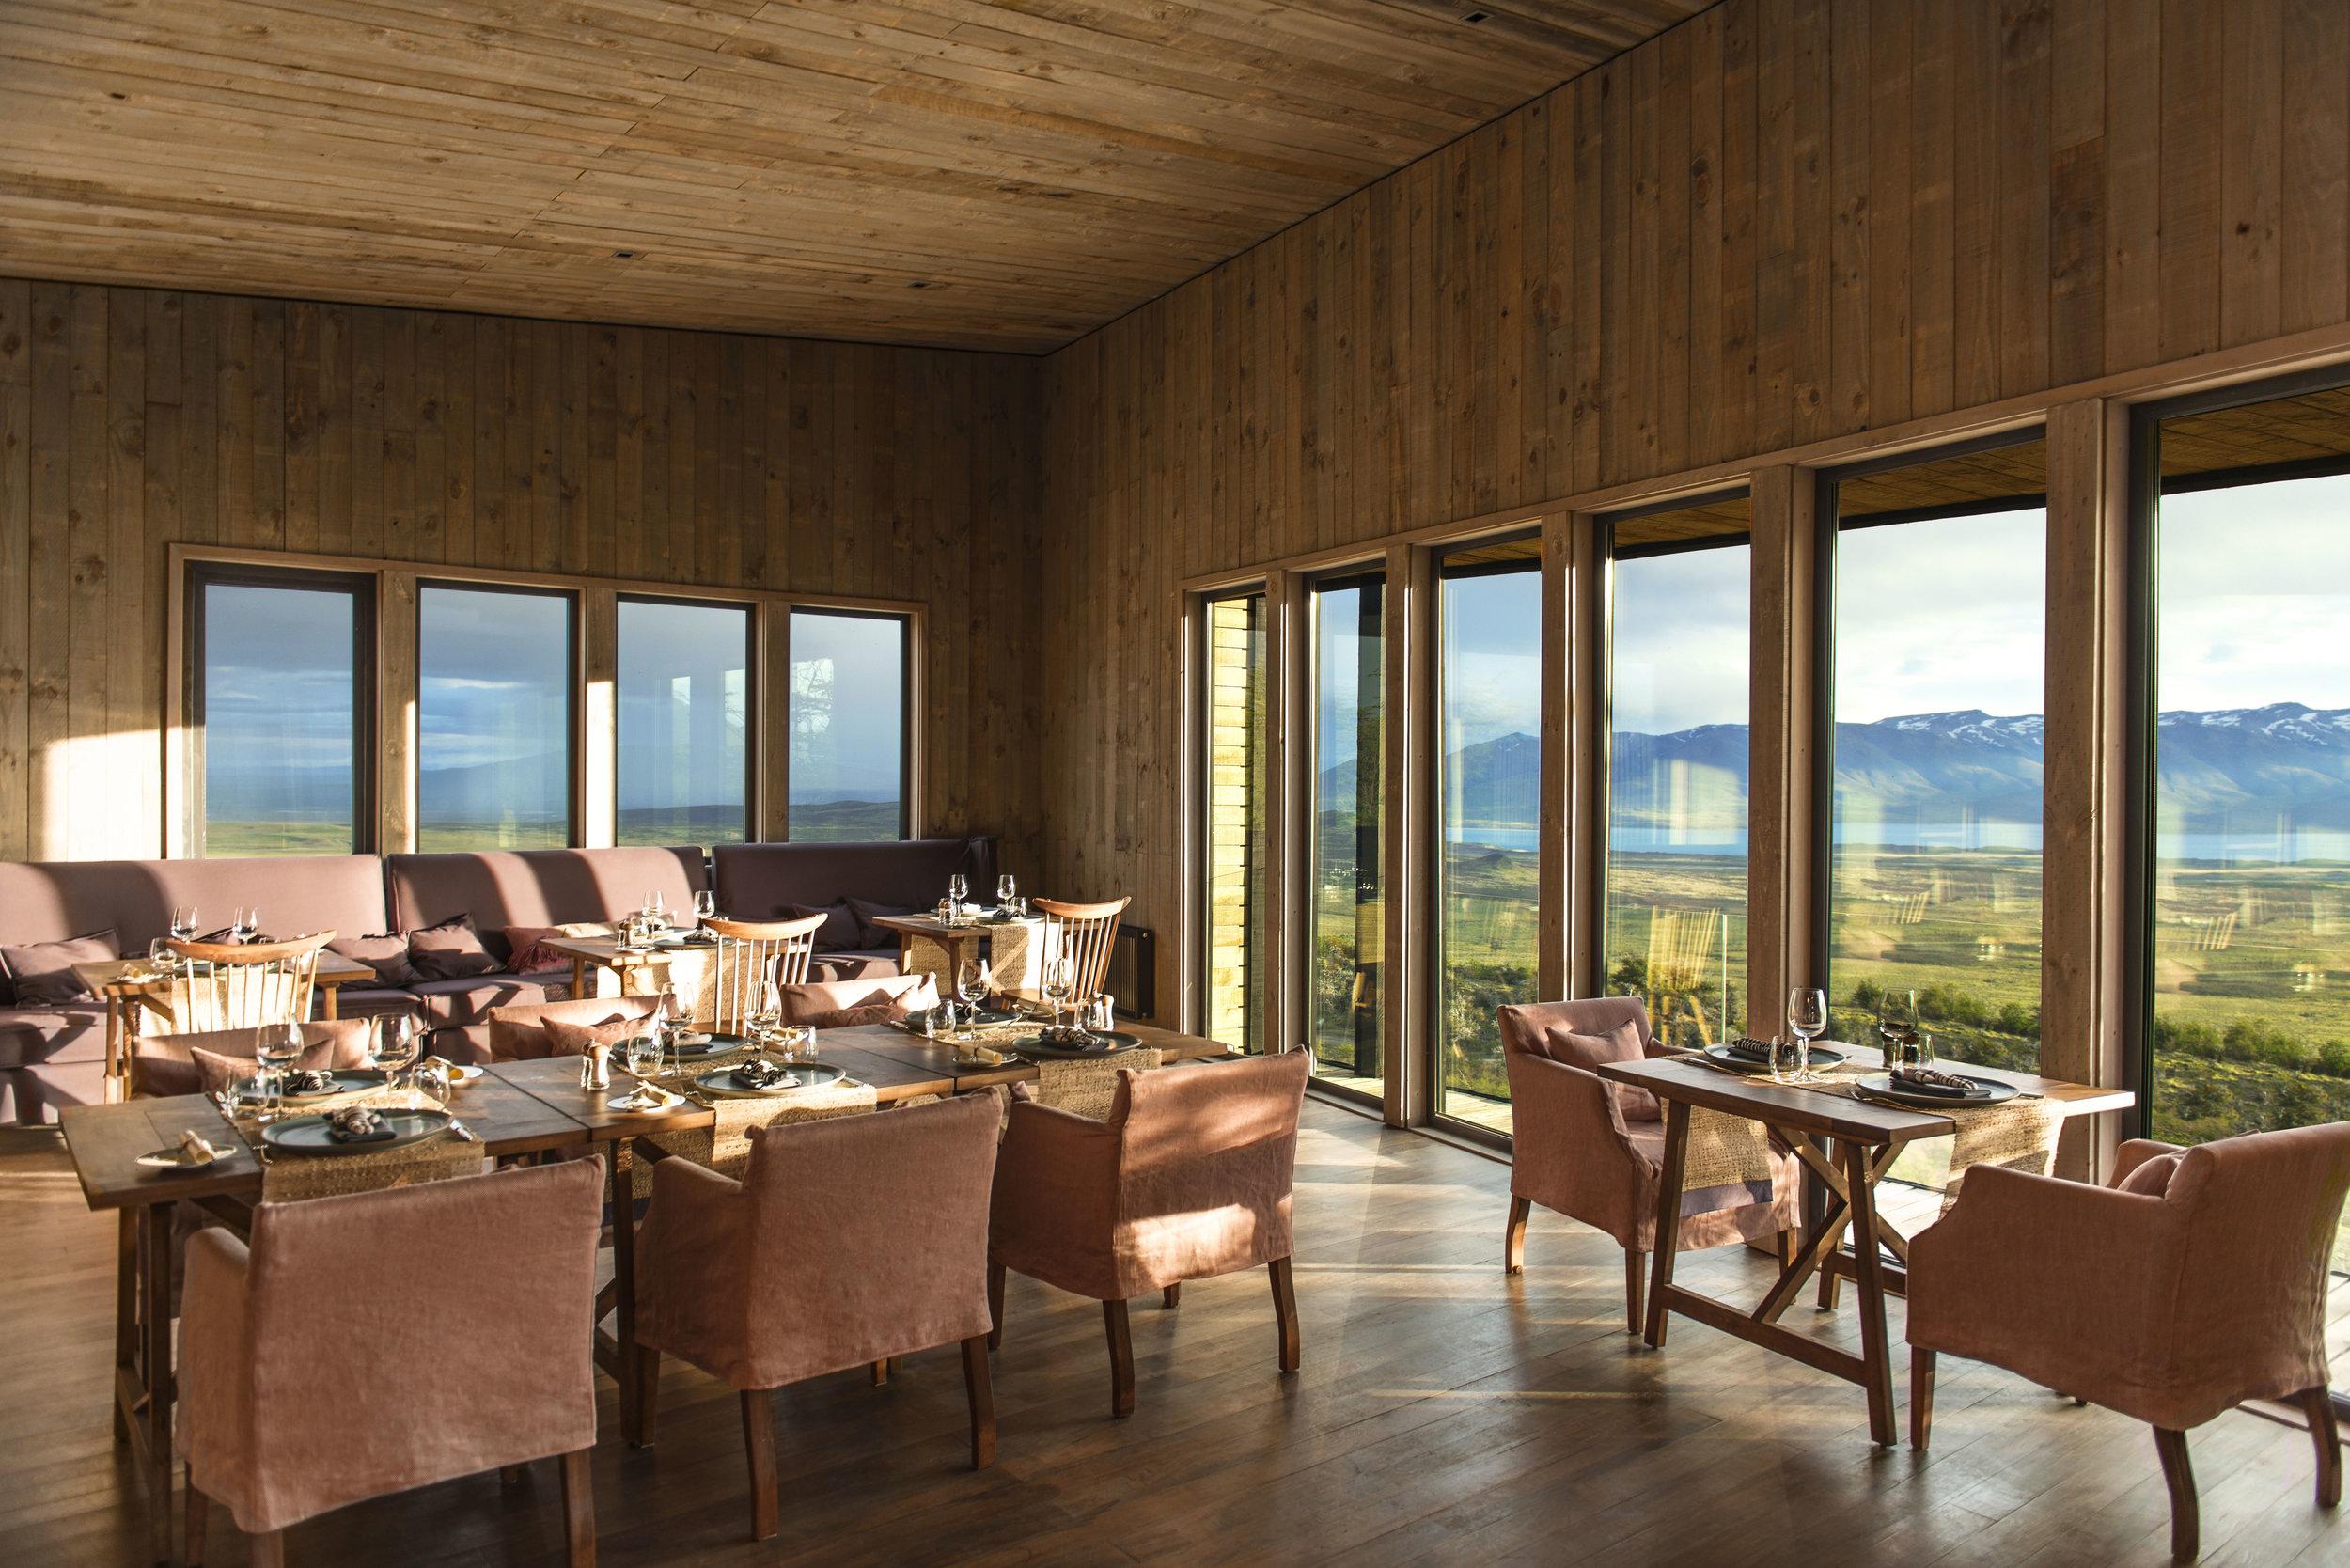 Main Lodge at Awasi Patagonia, Chile